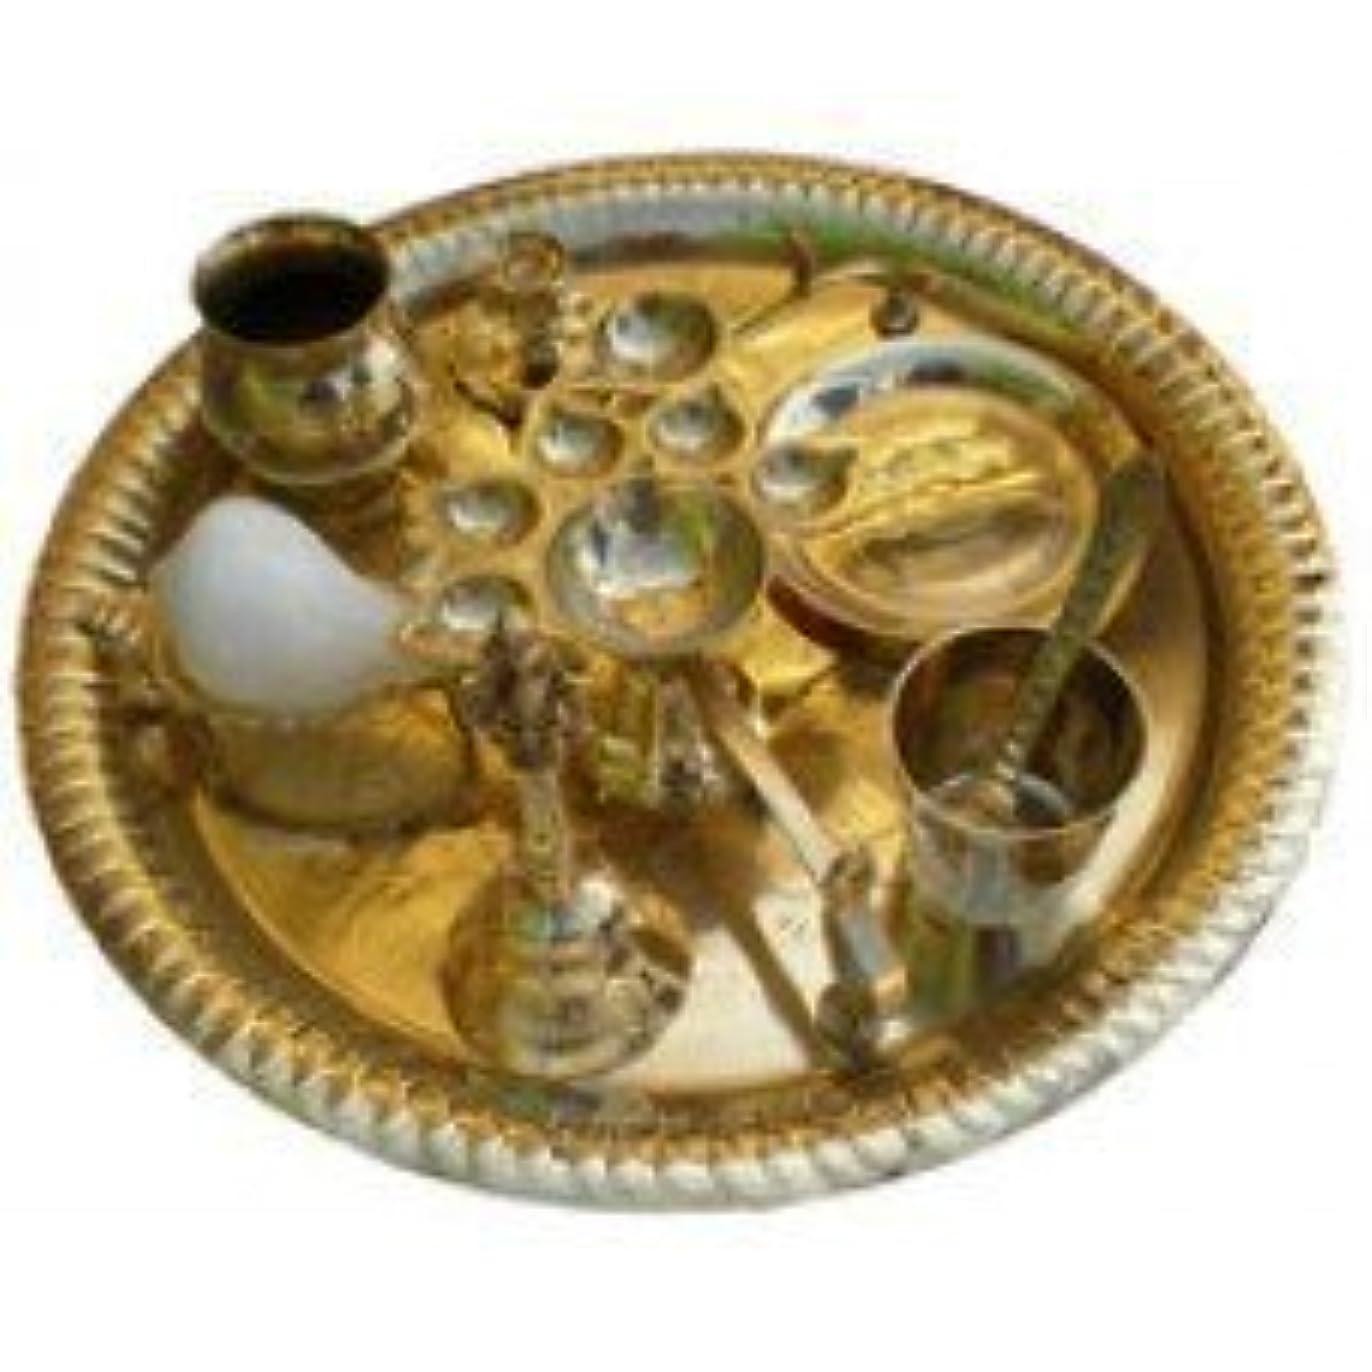 何振りかける正当なAarti Set (tray with Bell, Incense Holder, Flower Tray, Conch, Ghee Lamps)